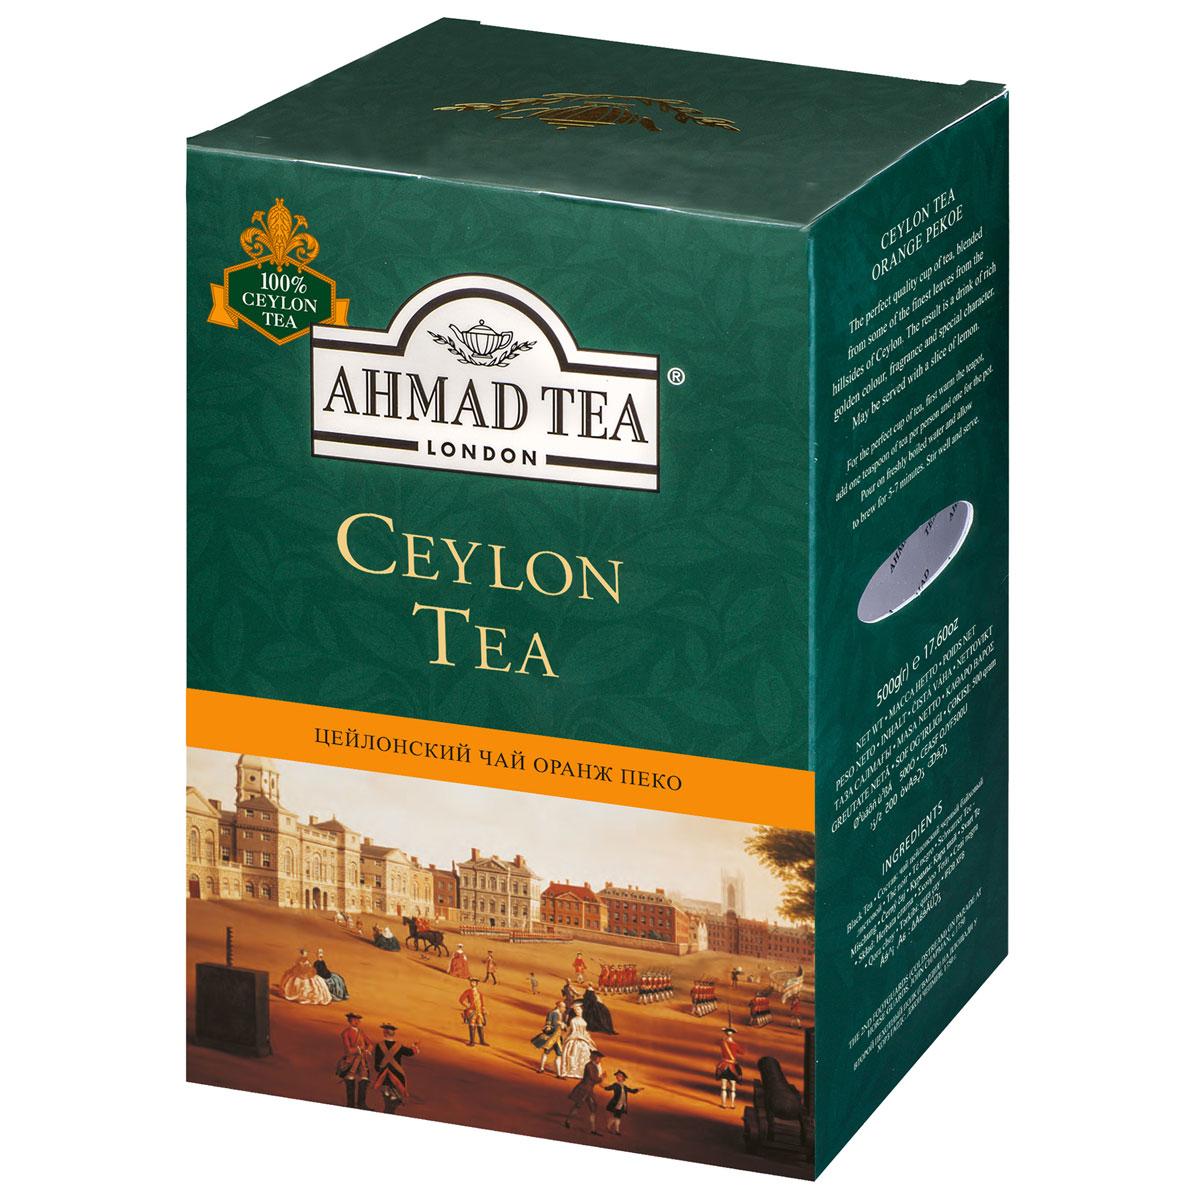 Ahmad Tea Ceylon Tea Orange Pekoe черный чай, 500 г579-1Ahmad Tea Ceylon Tea Orange Pekoe - черный байховый листовой чай, собранный в лучших высокогорных садах Цейлона. Напиток отличает богатство вкуса, аромата и чистый золотой настой. Уважаемые клиенты! Обращаем ваше внимание на то, что упаковка может иметь несколько видов дизайна. Поставка осуществляется в зависимости от наличия на складе.